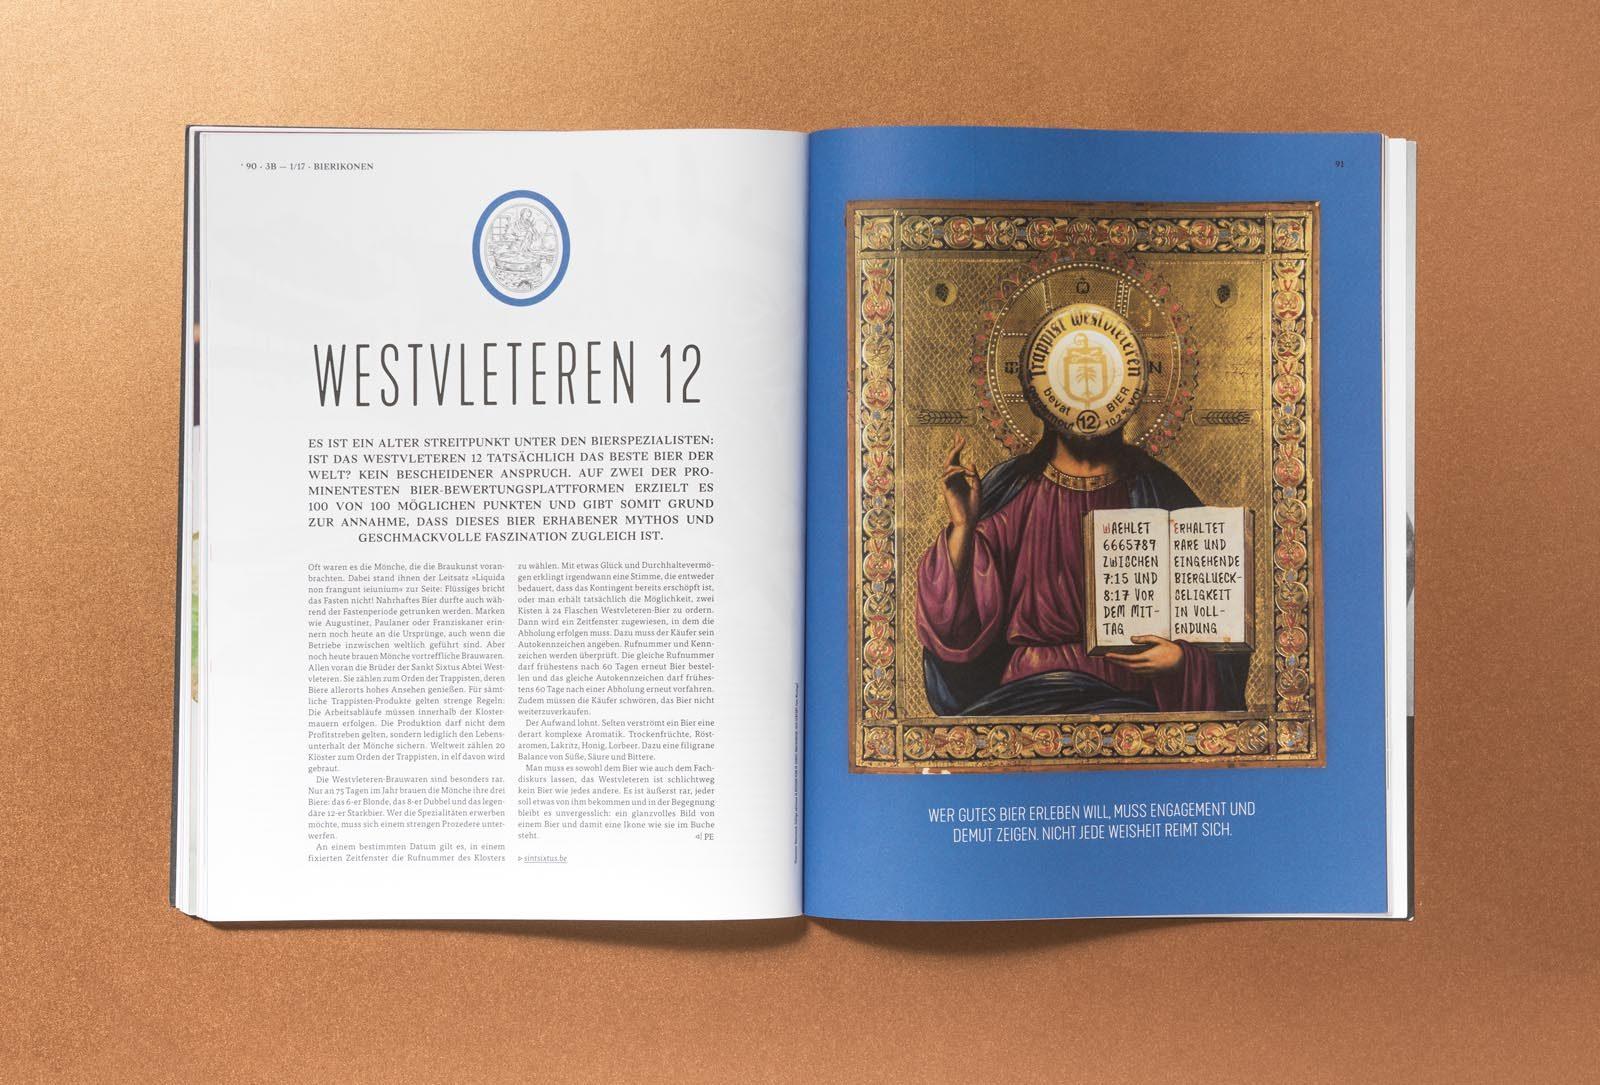 Editienne Grafikdesign - Kommunikationsdesign Berlin-Editorial Design Bier Bars und Brauer Magazin 10